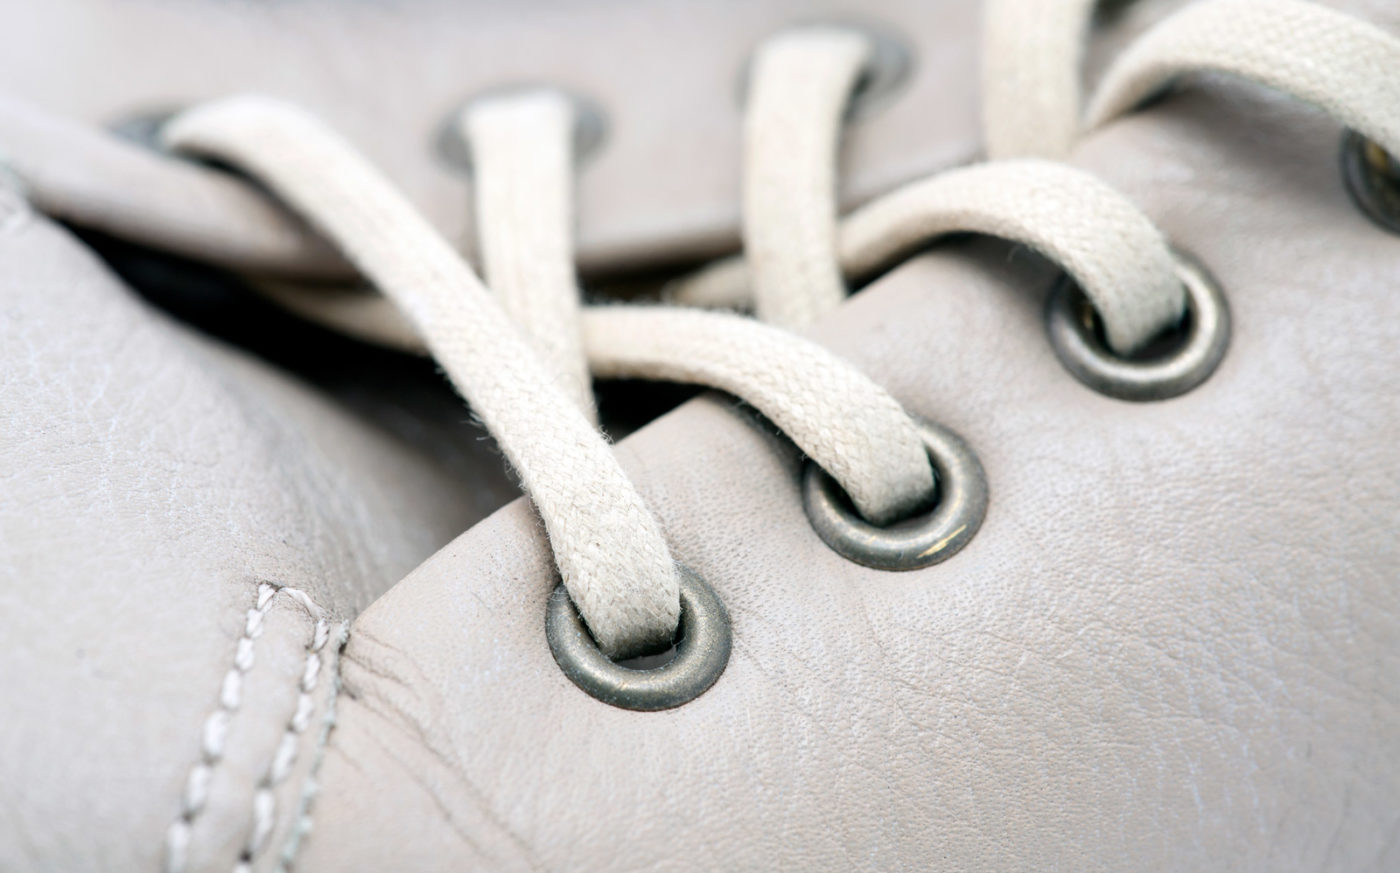 шнурки варианты шнуровки обуви